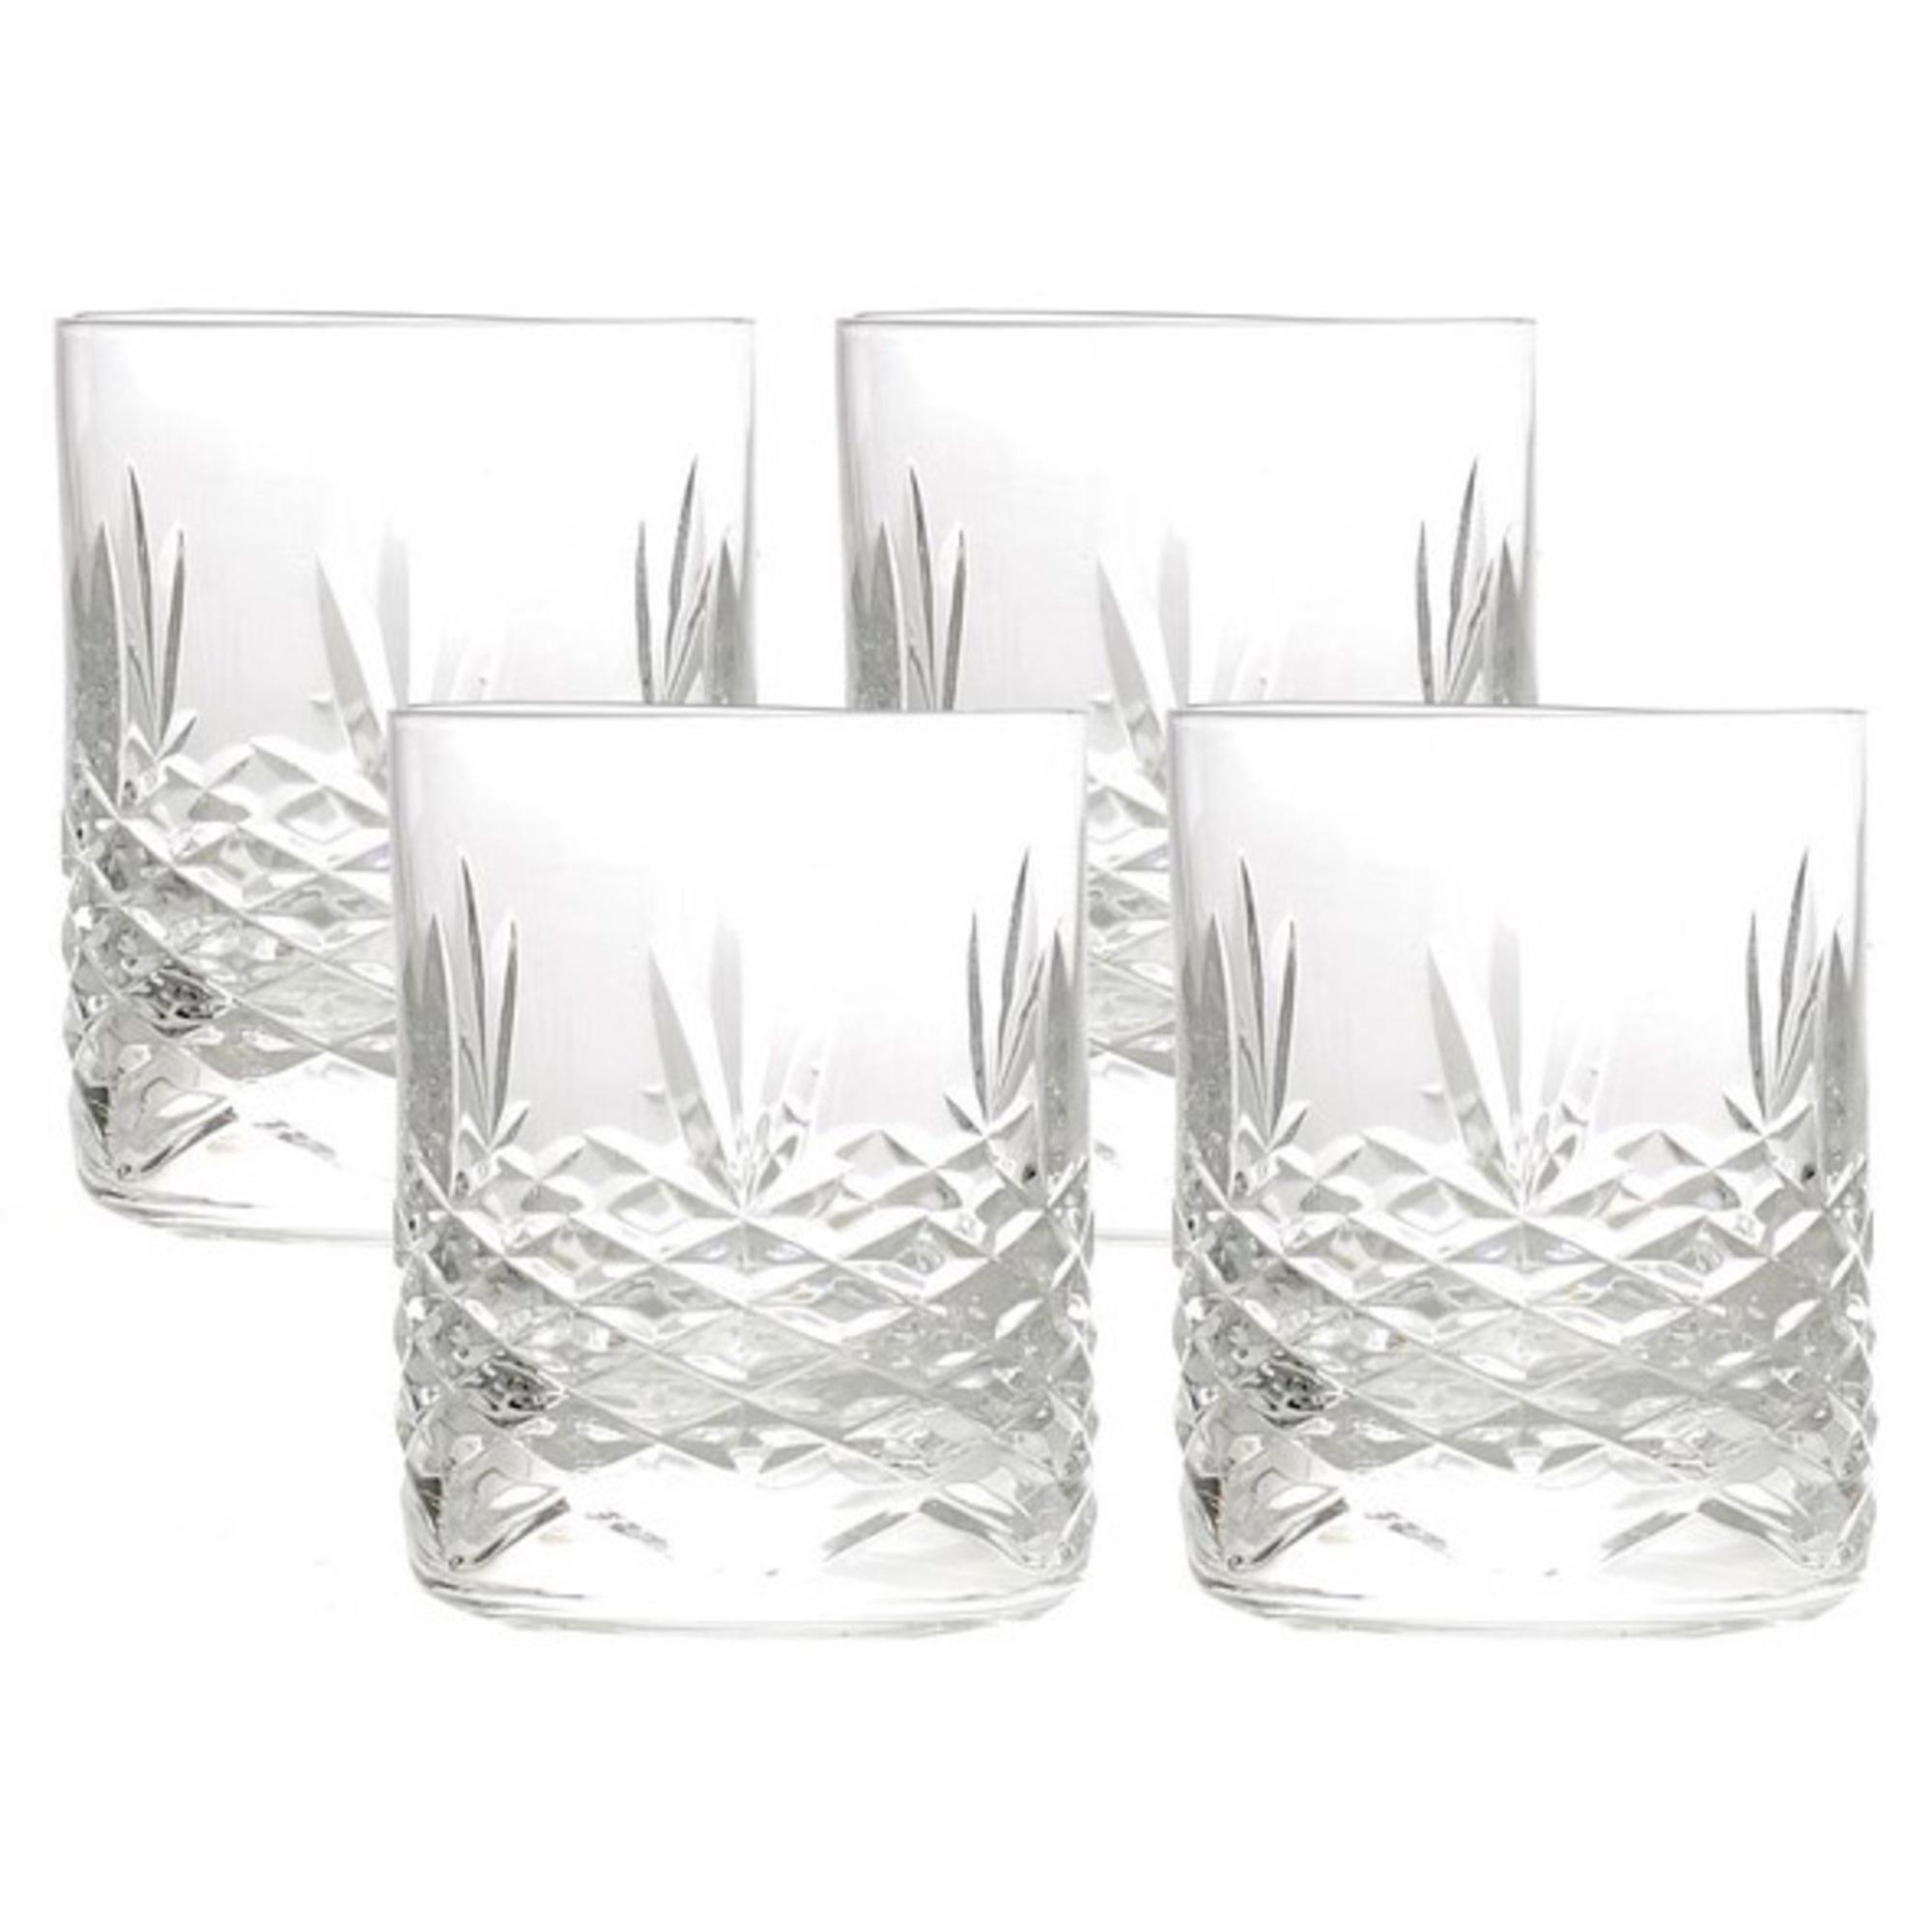 Frederik Bagger Crispy Mini små whiskyglas 4 st.